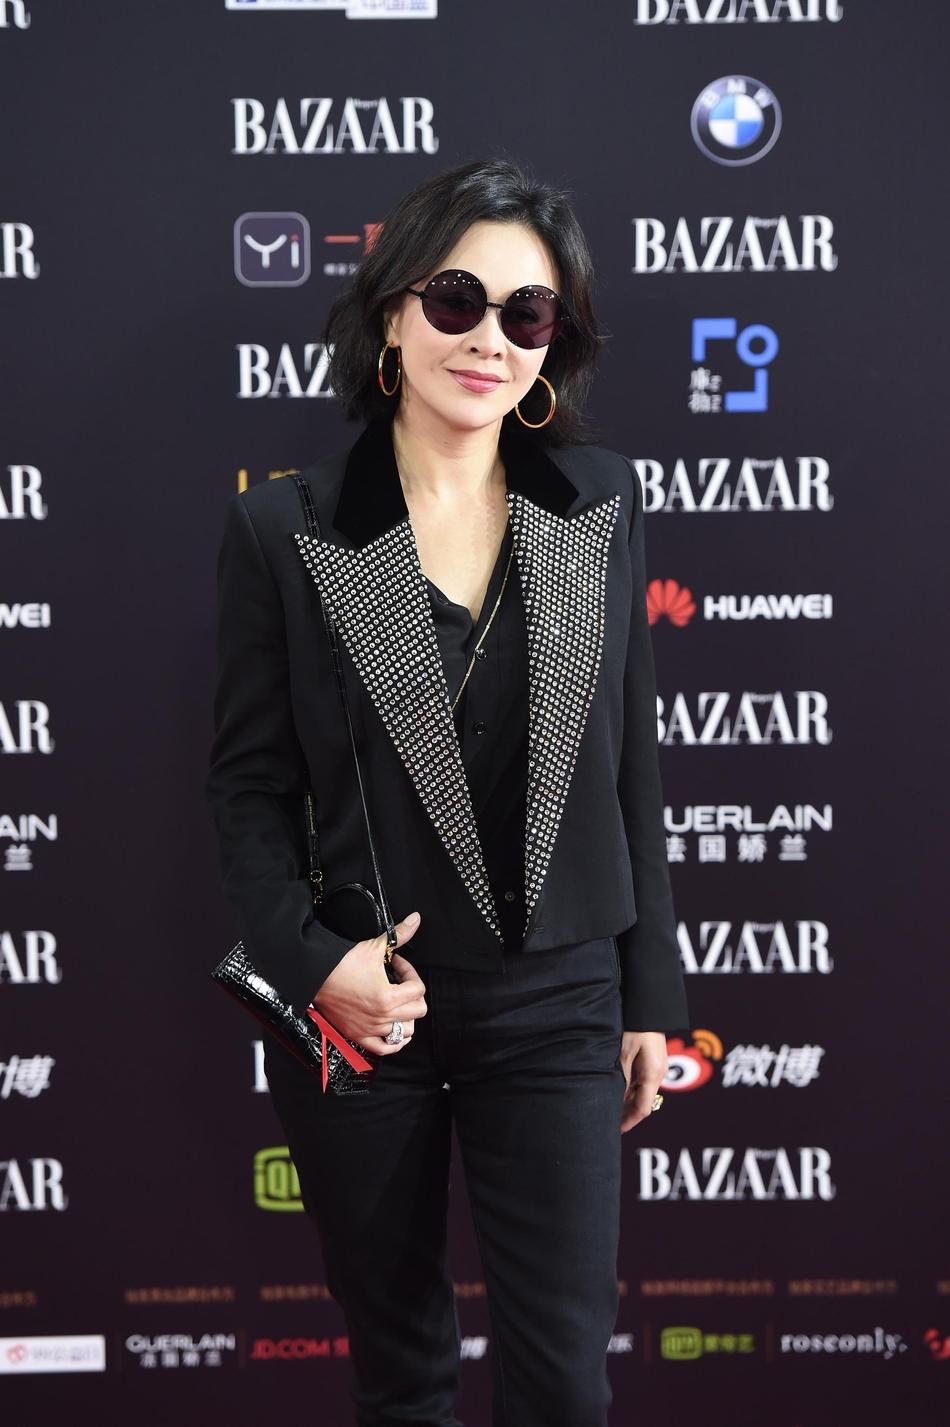 Thảm đỏ Harper's Bazaar: Hoắc Kiến Hoa ôm eo Lâm Tâm Như tình tứ và cuộc chiến nhan sắc gay cấn giữa các nữ thần hạng A Cbiz